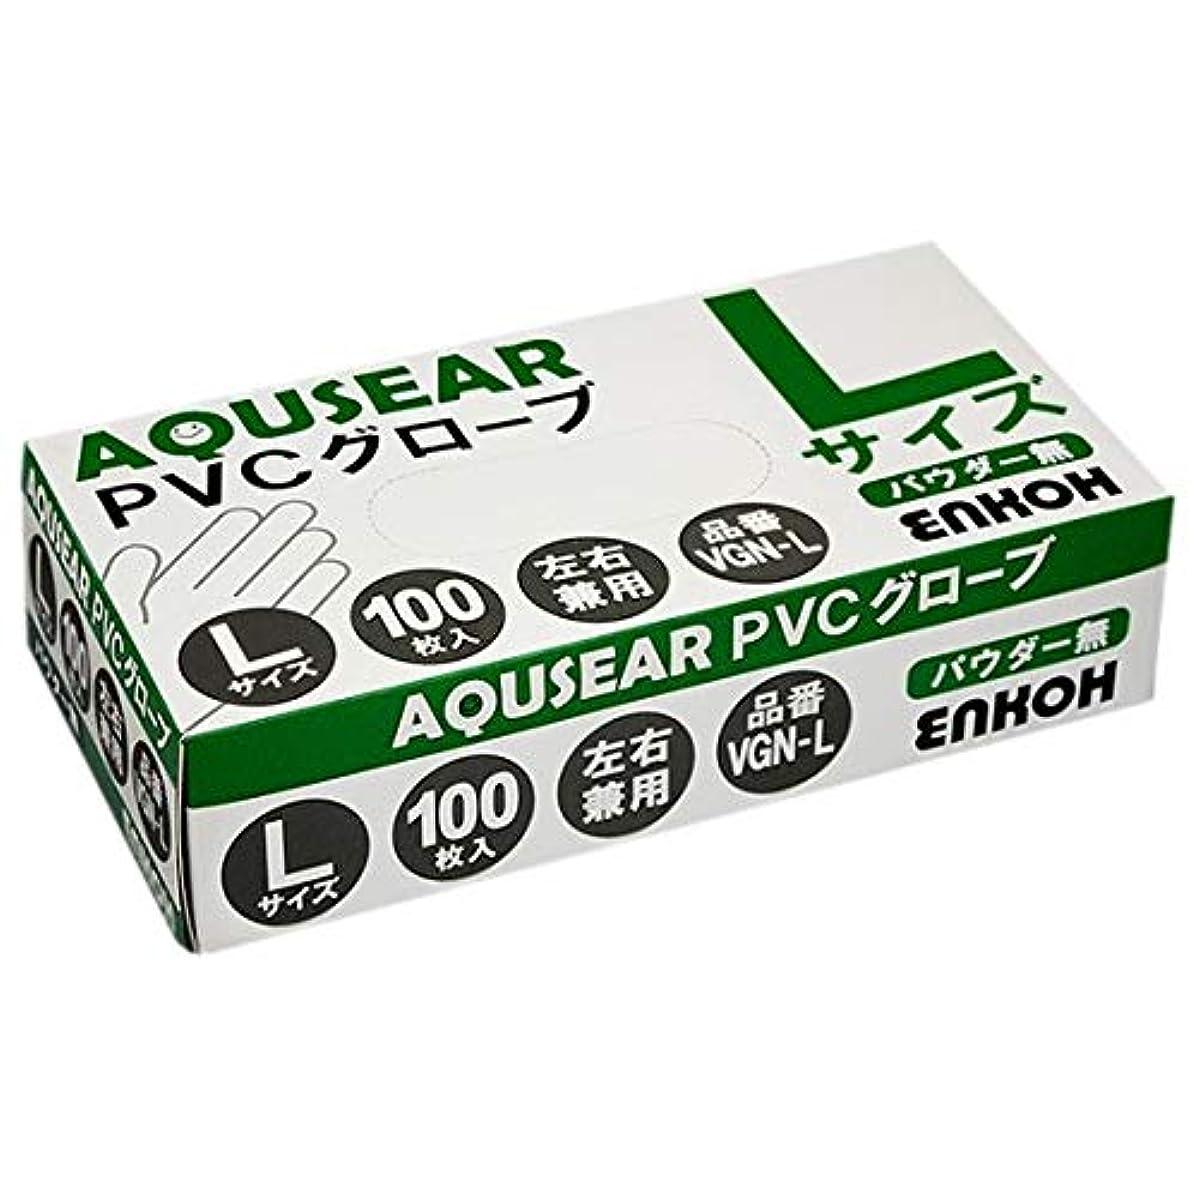 原子炉リサイクルするトリプルAQUSEAR PVC プラスチックグローブ Lサイズ パウダー無 VGN-L 100枚×20箱